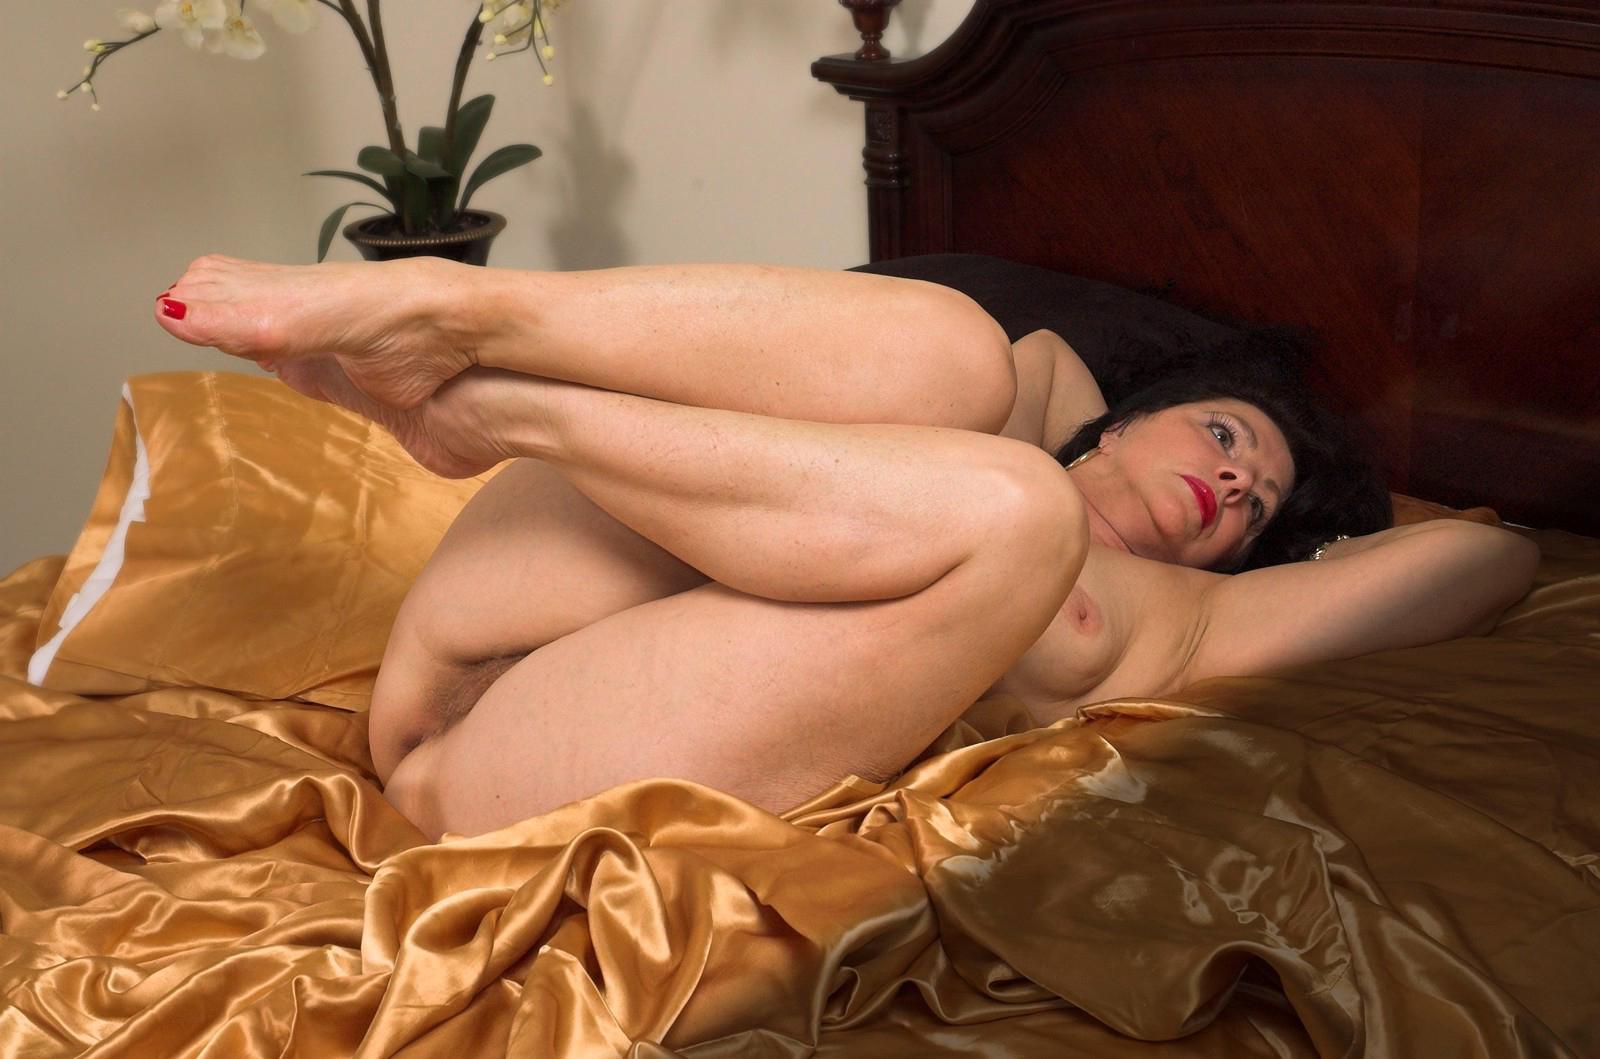 Paraguayan lingerie models